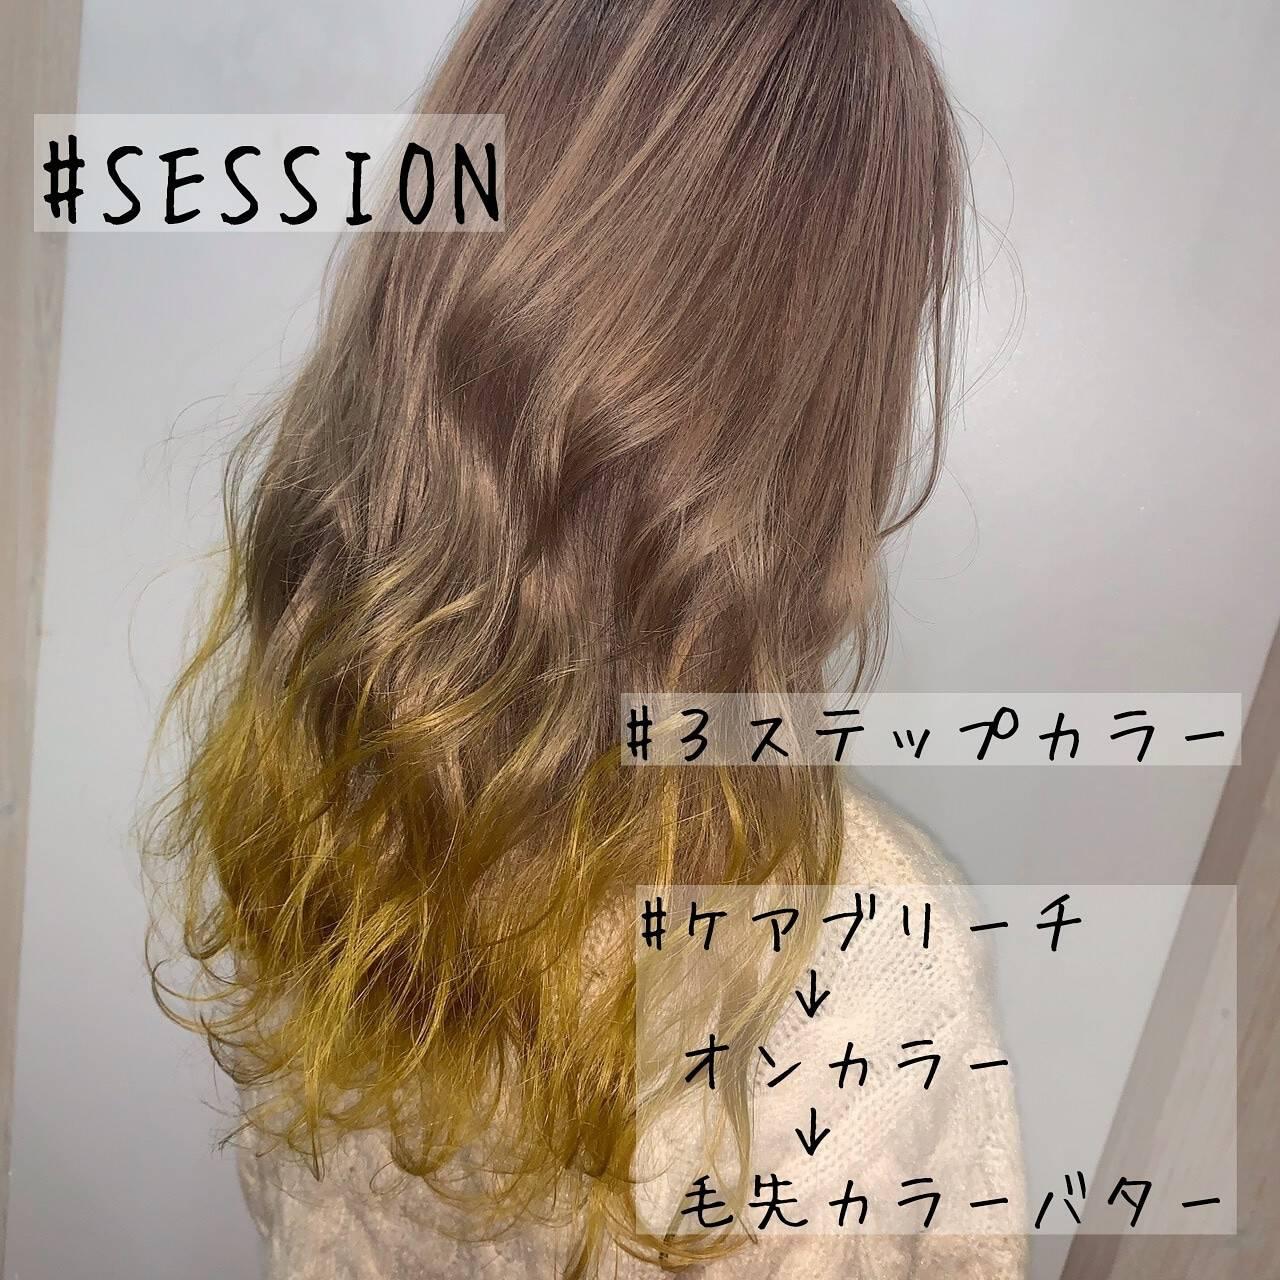 セミロング ガーリー ハイトーン ハニーイエローヘアスタイルや髪型の写真・画像